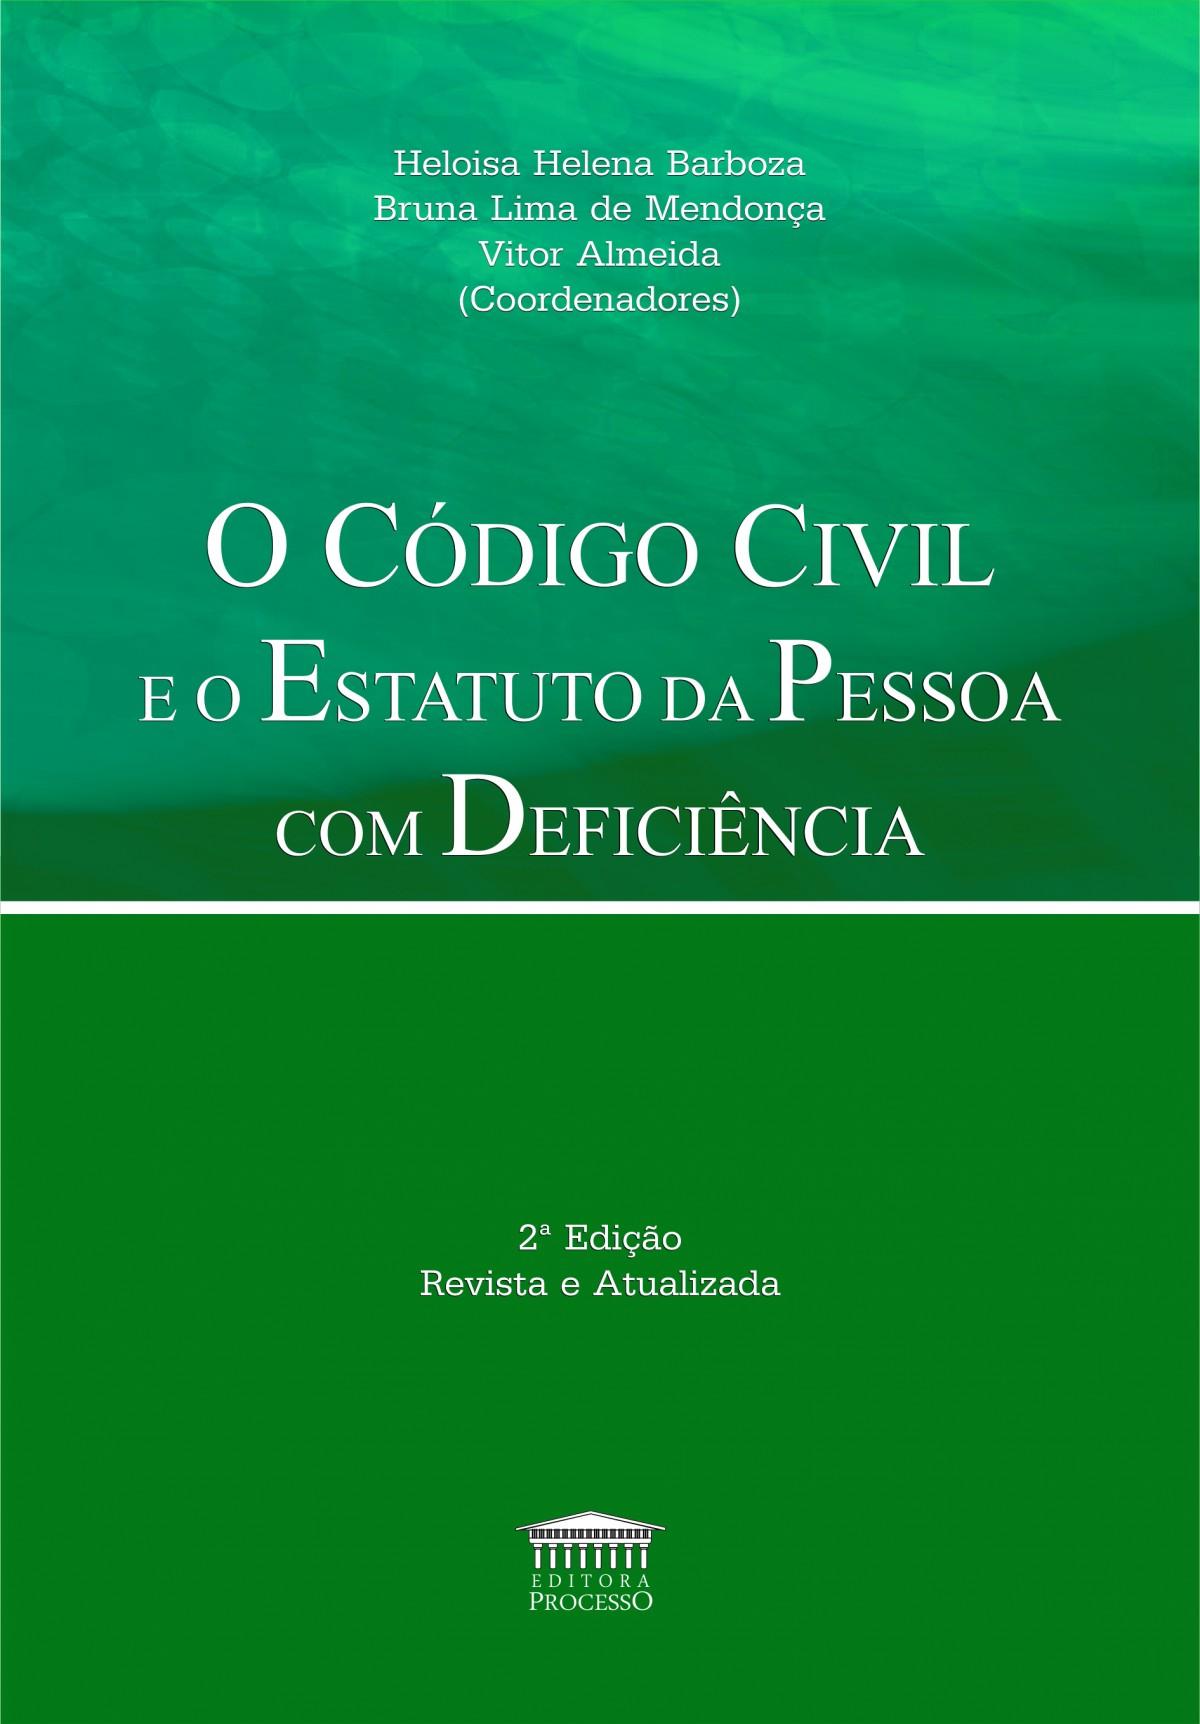 Foto 1 - O Código Civil e o Estatuto da Pessoa com Deficiência - 2ª Edição